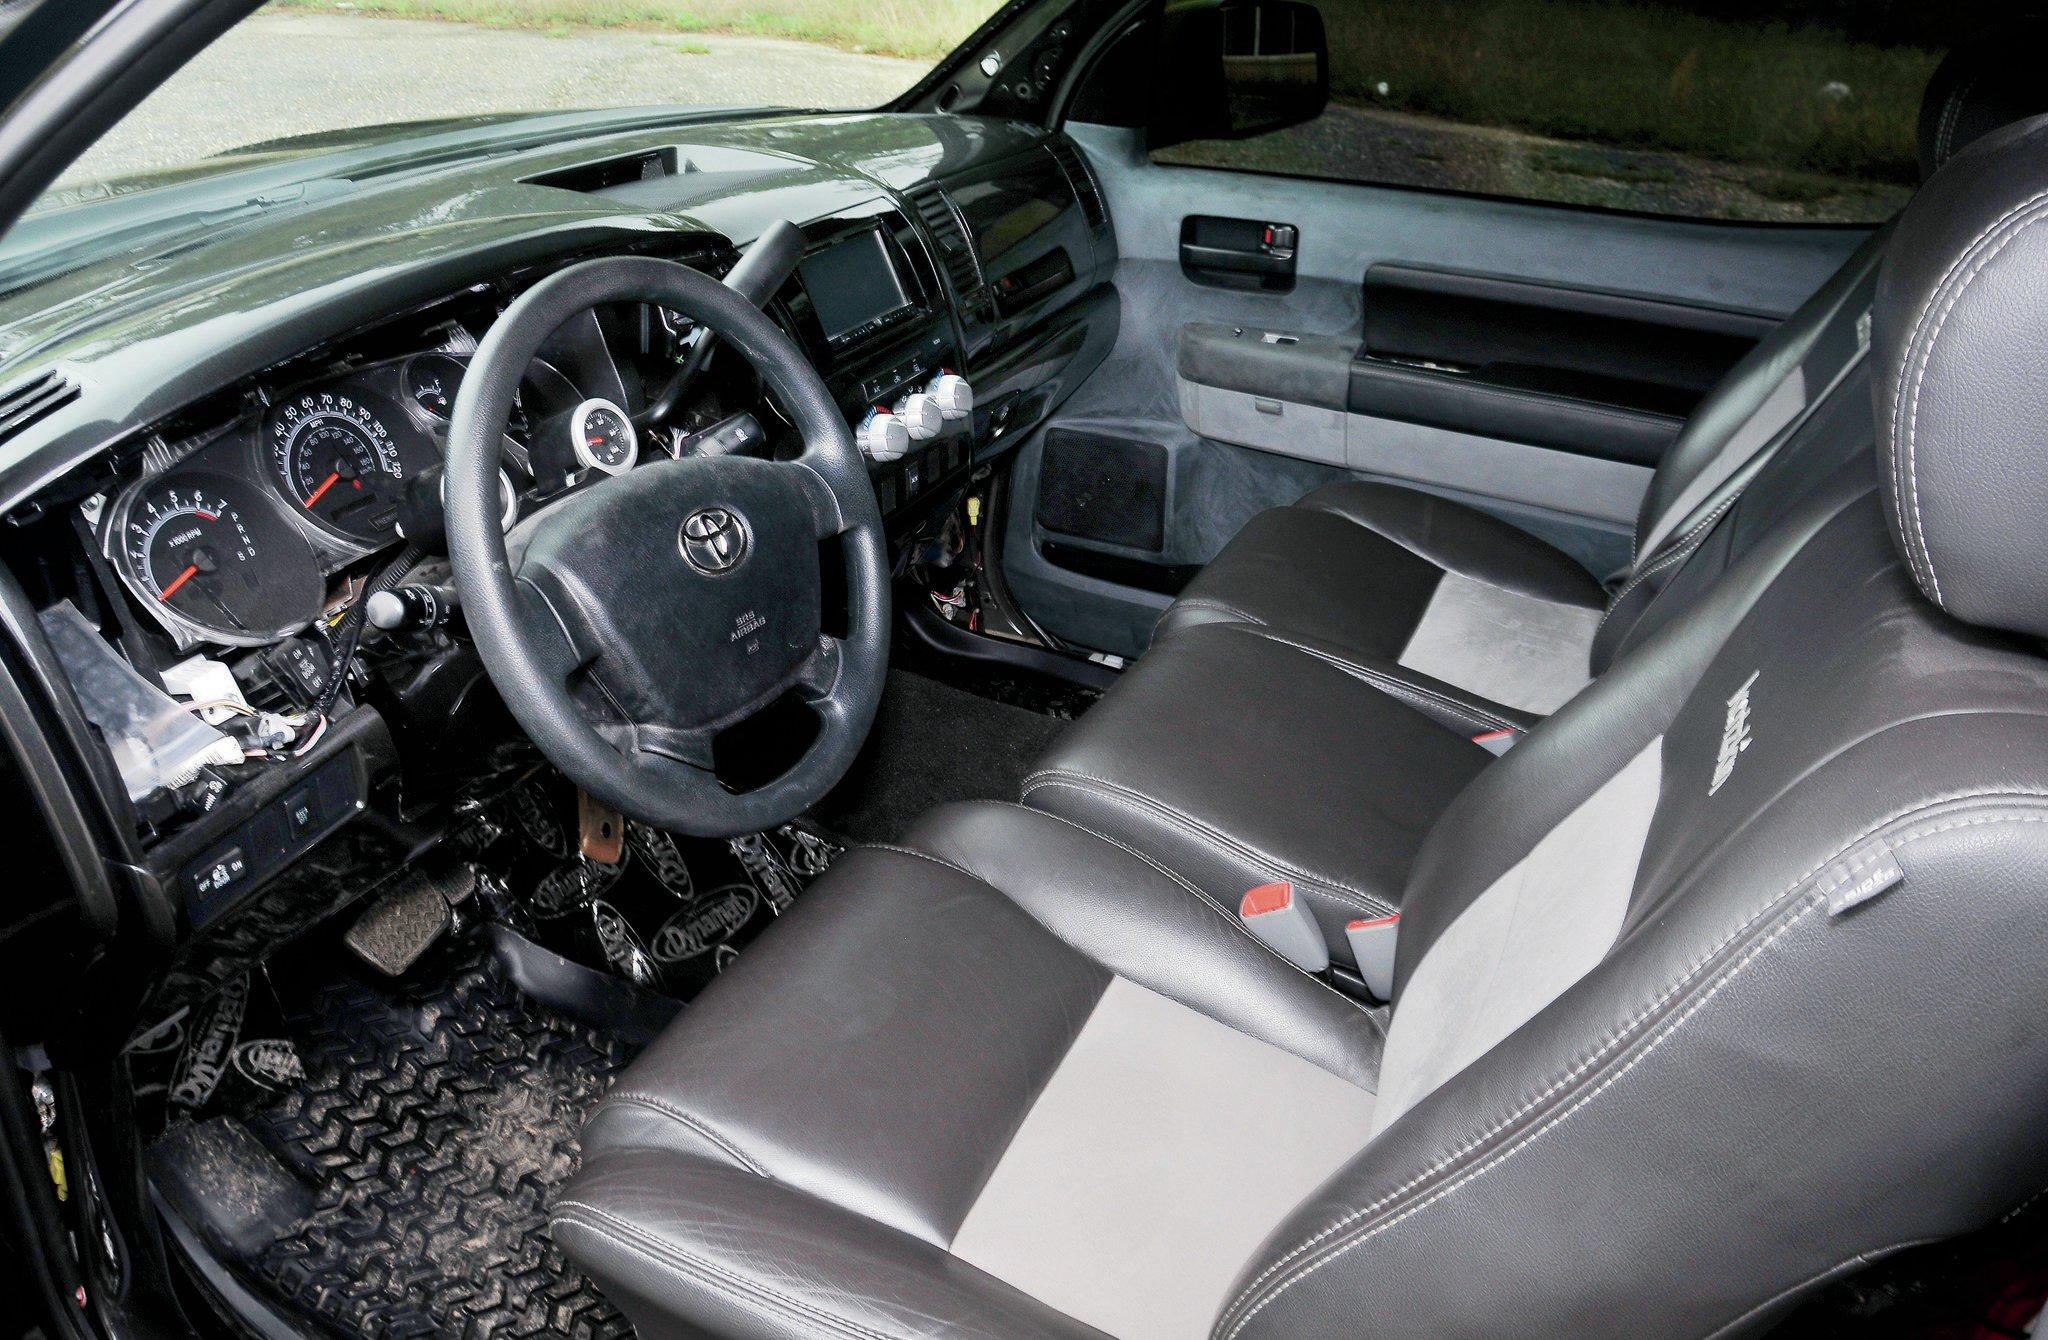 2008 Toyota Tundra Weaponized